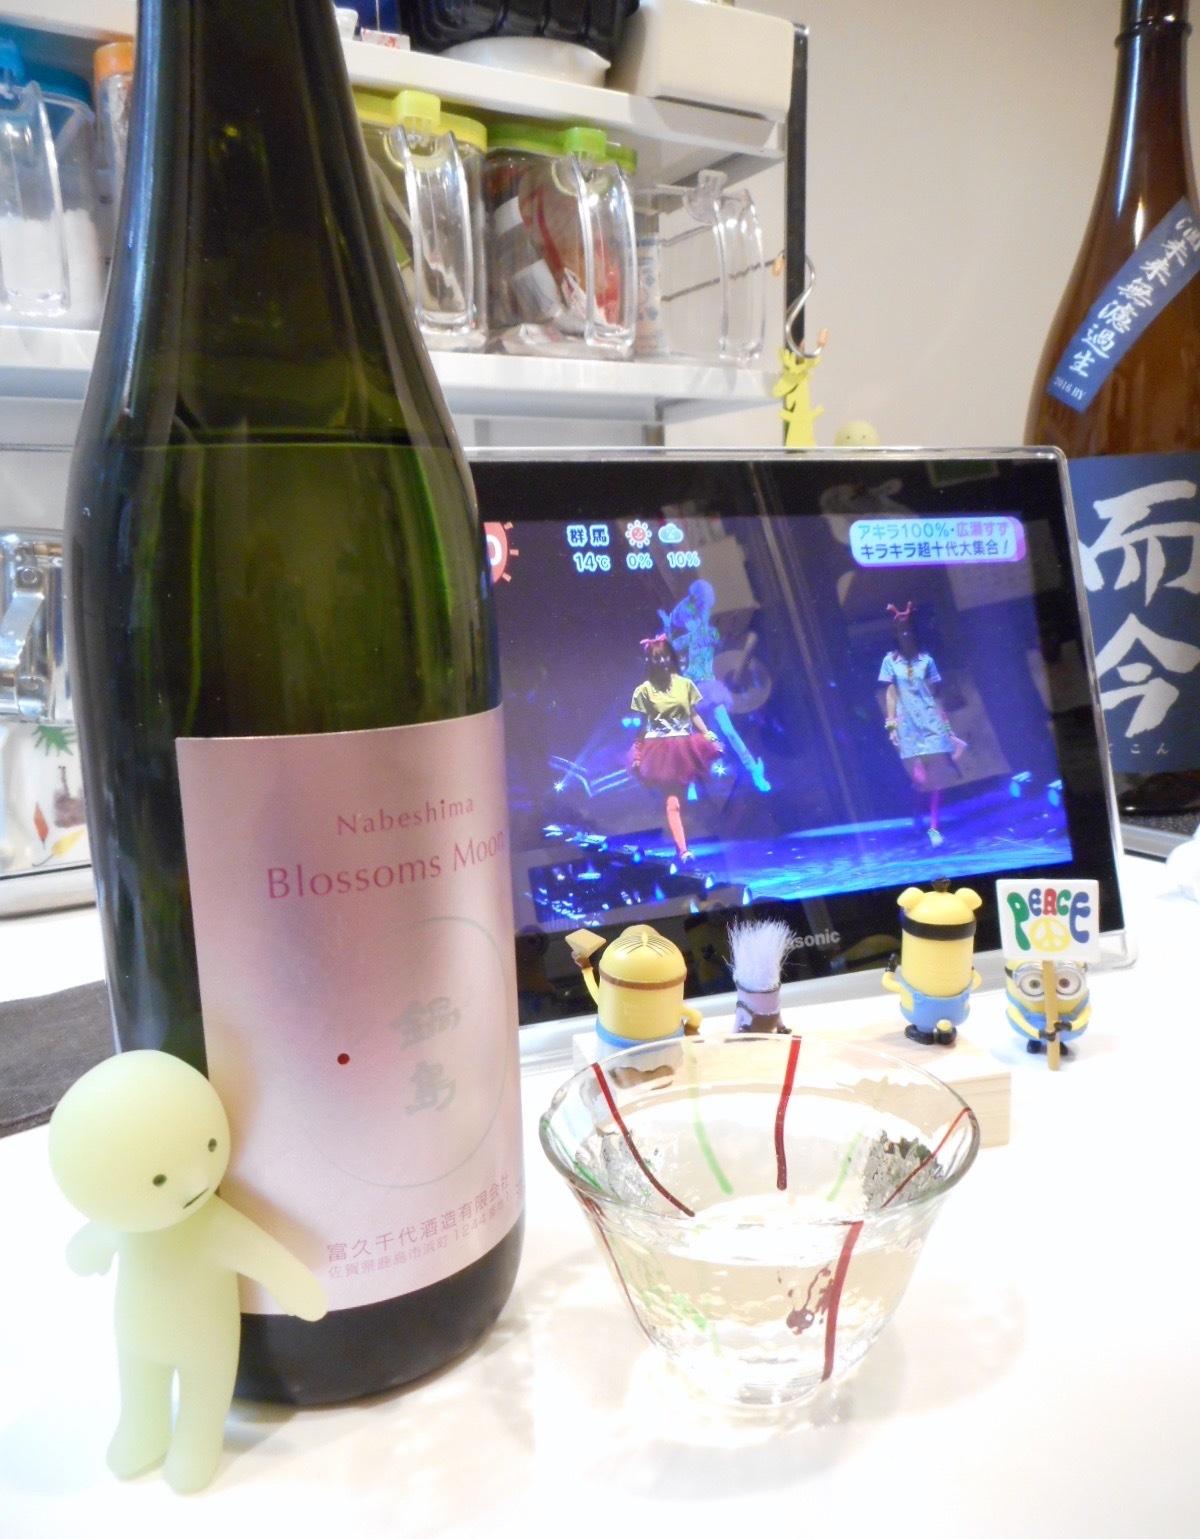 nabeshima_blossom28by7.jpg